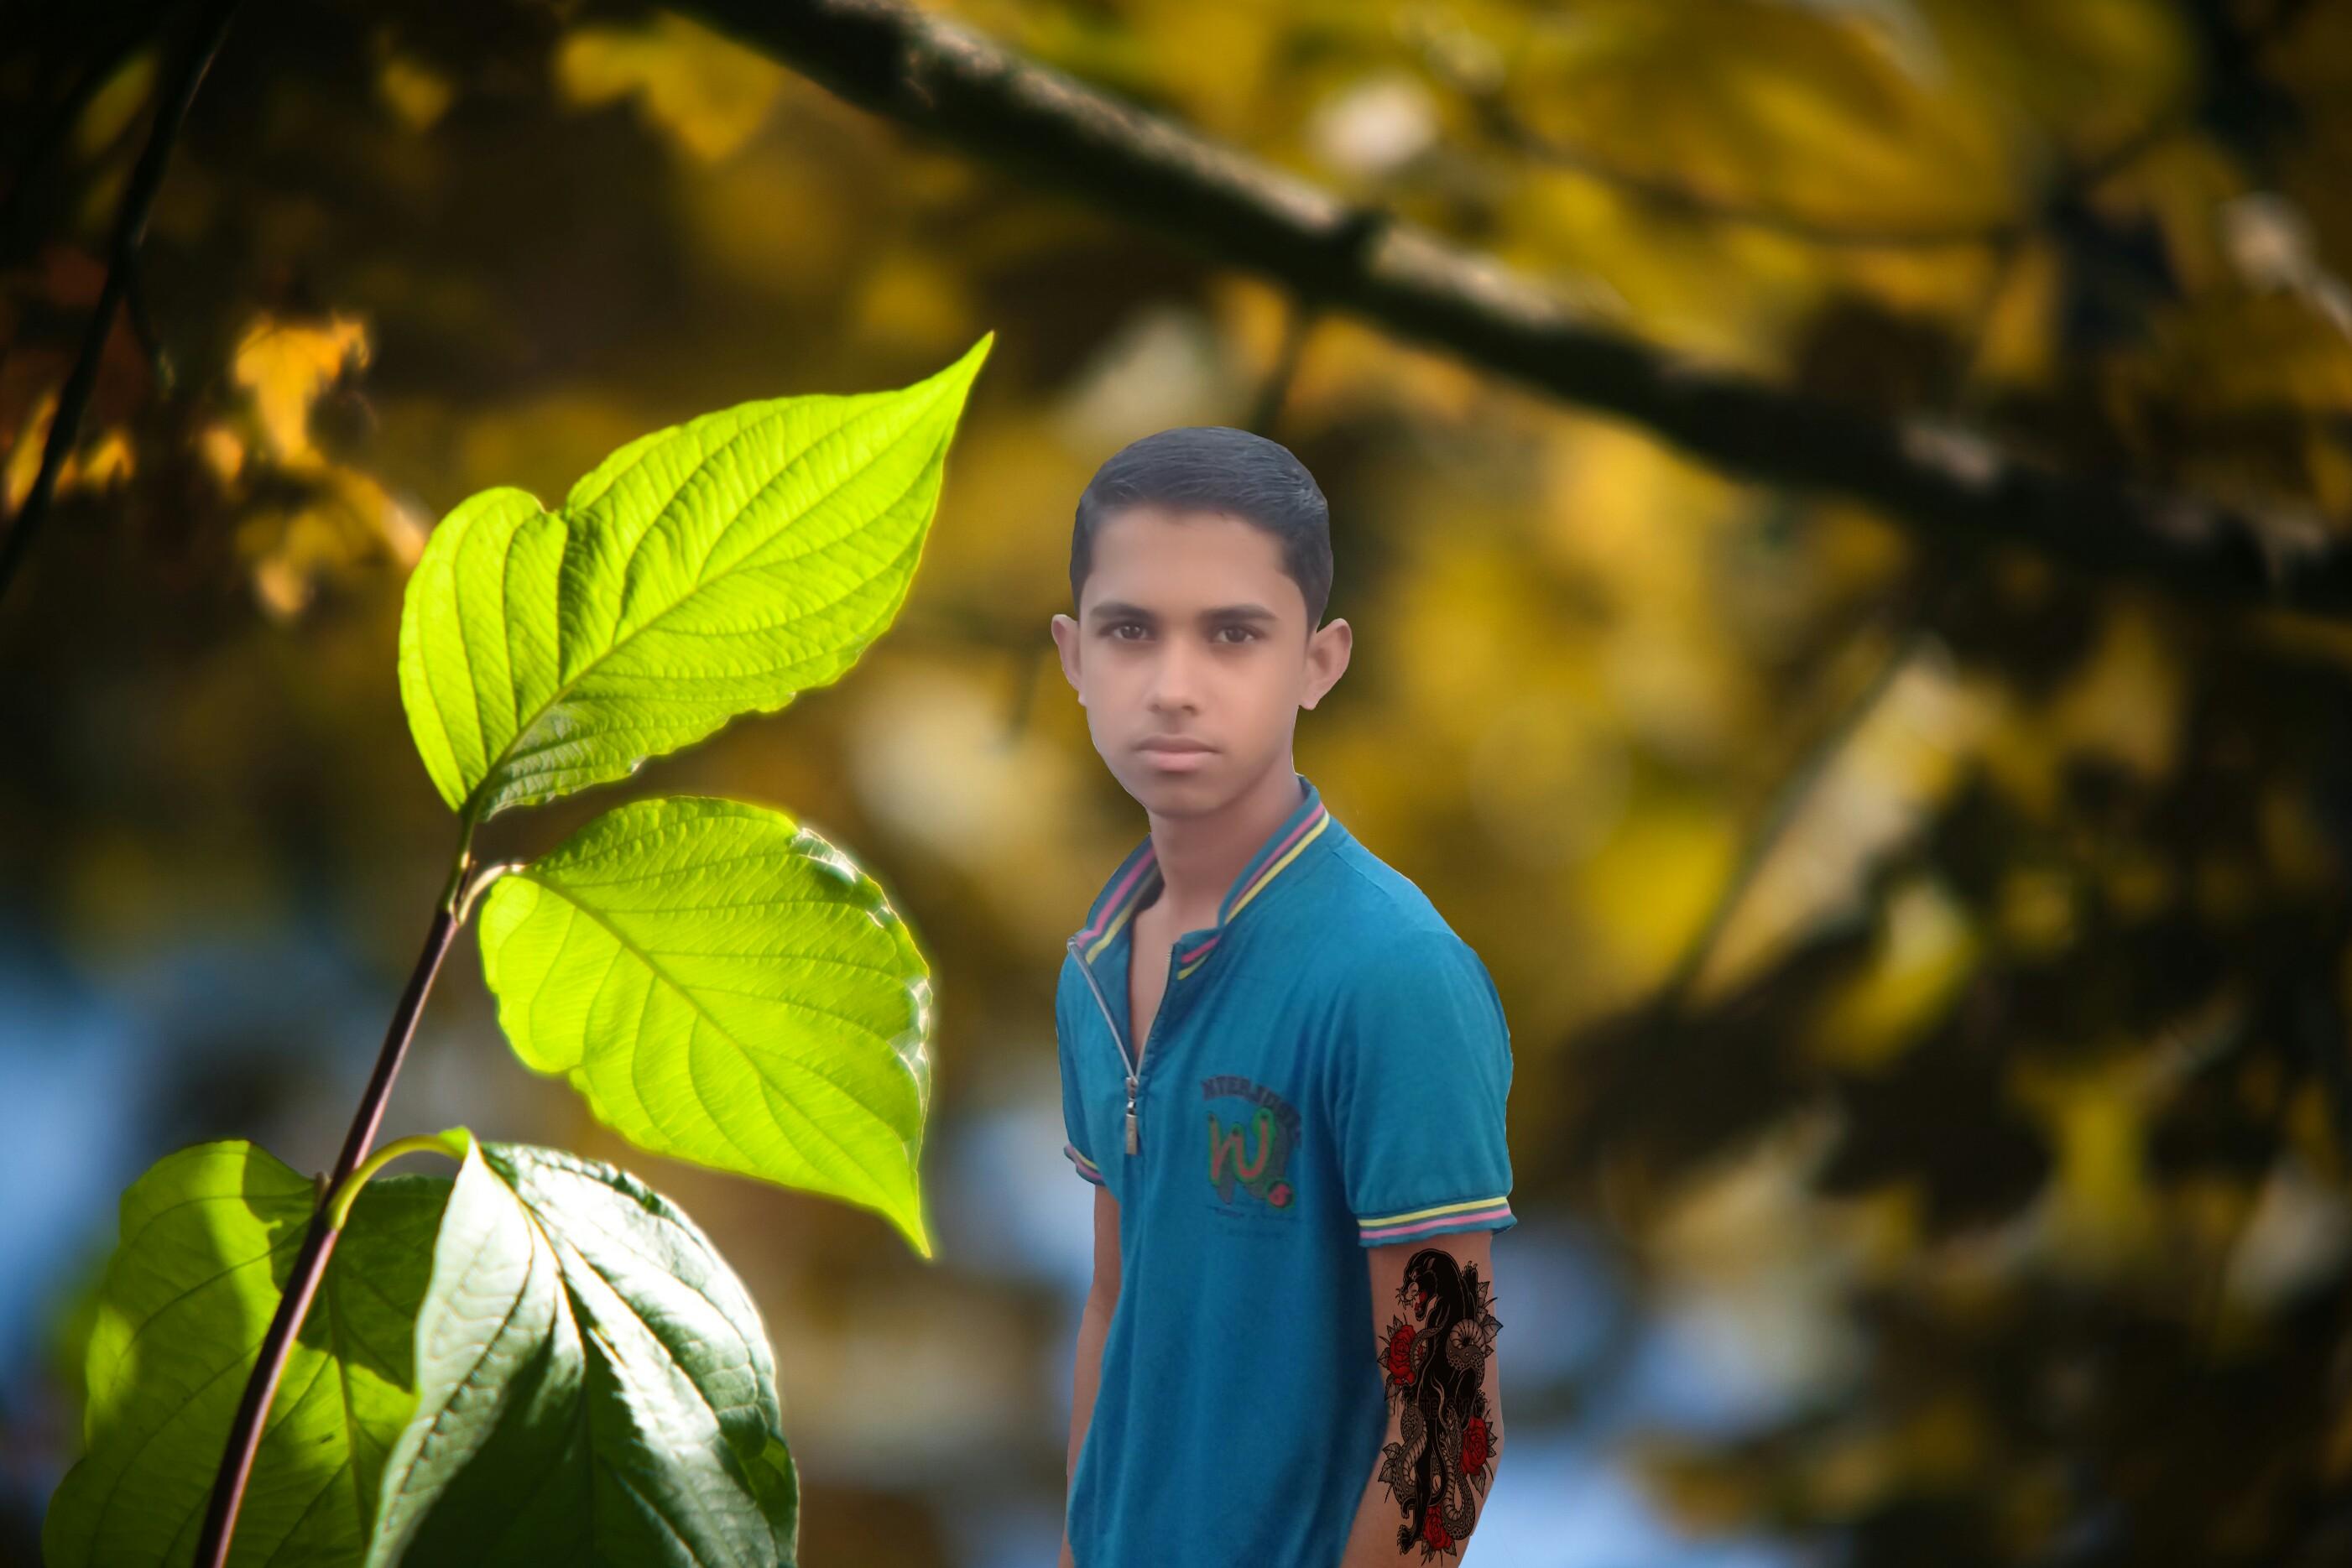 Sojib Chowdhury